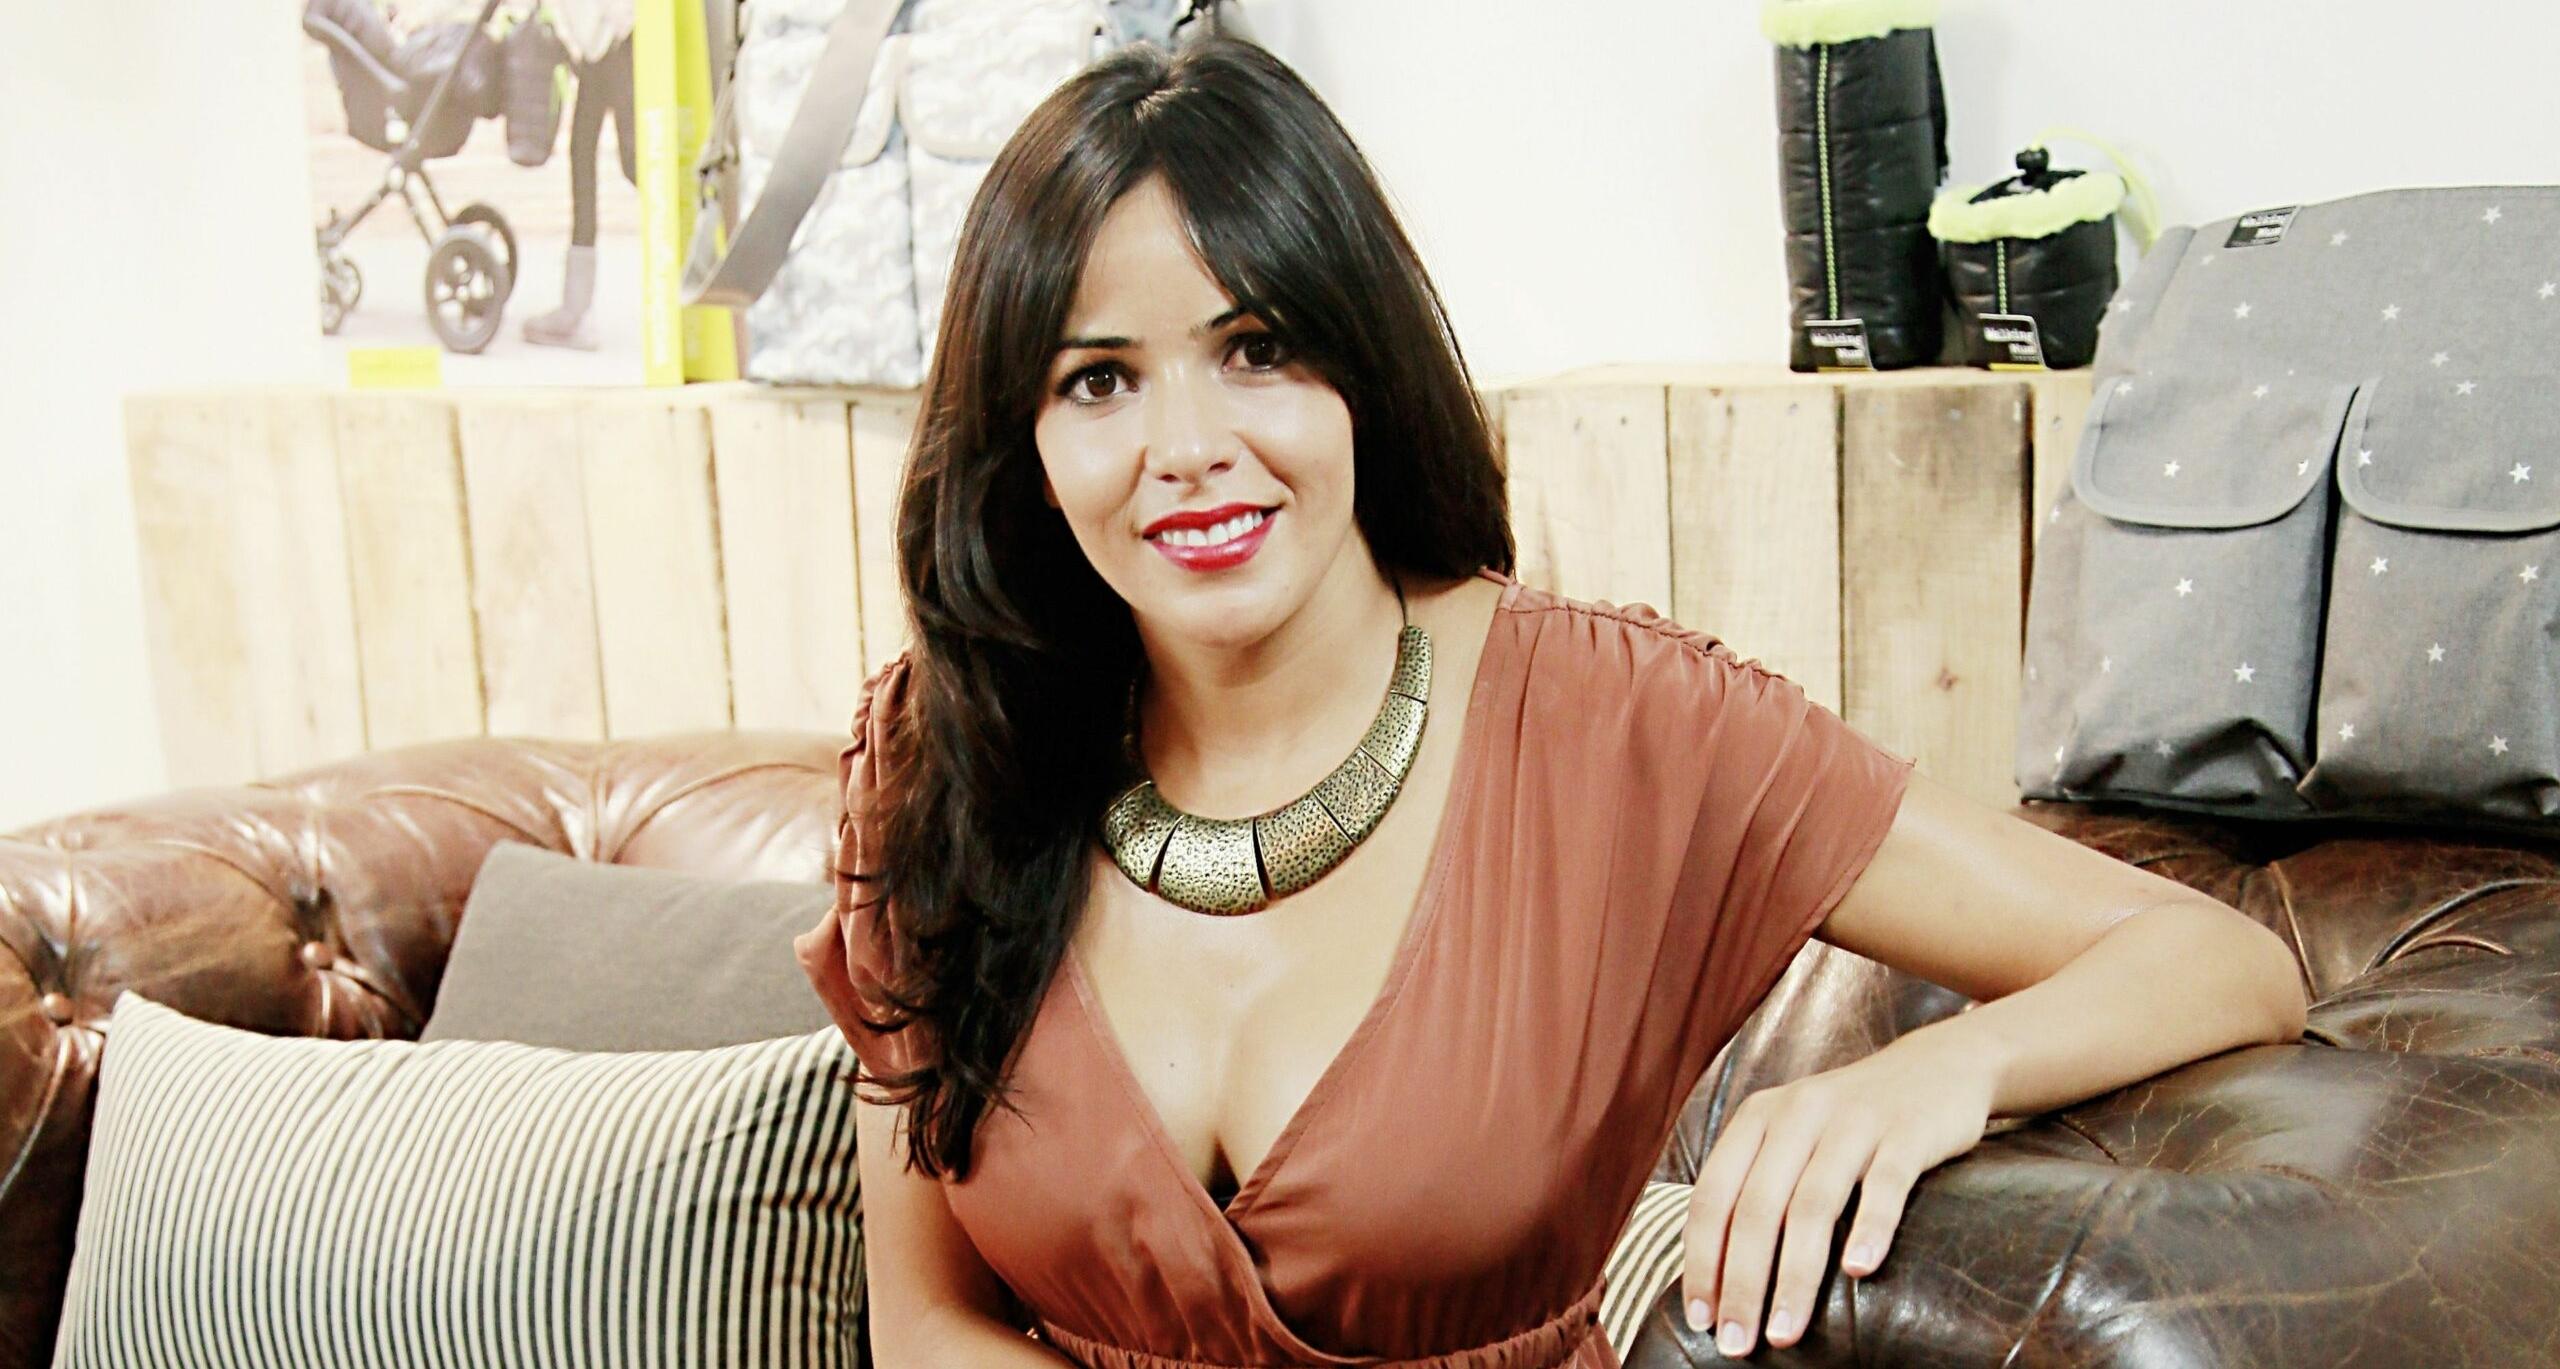 Raquel del Rosario / Europa Press